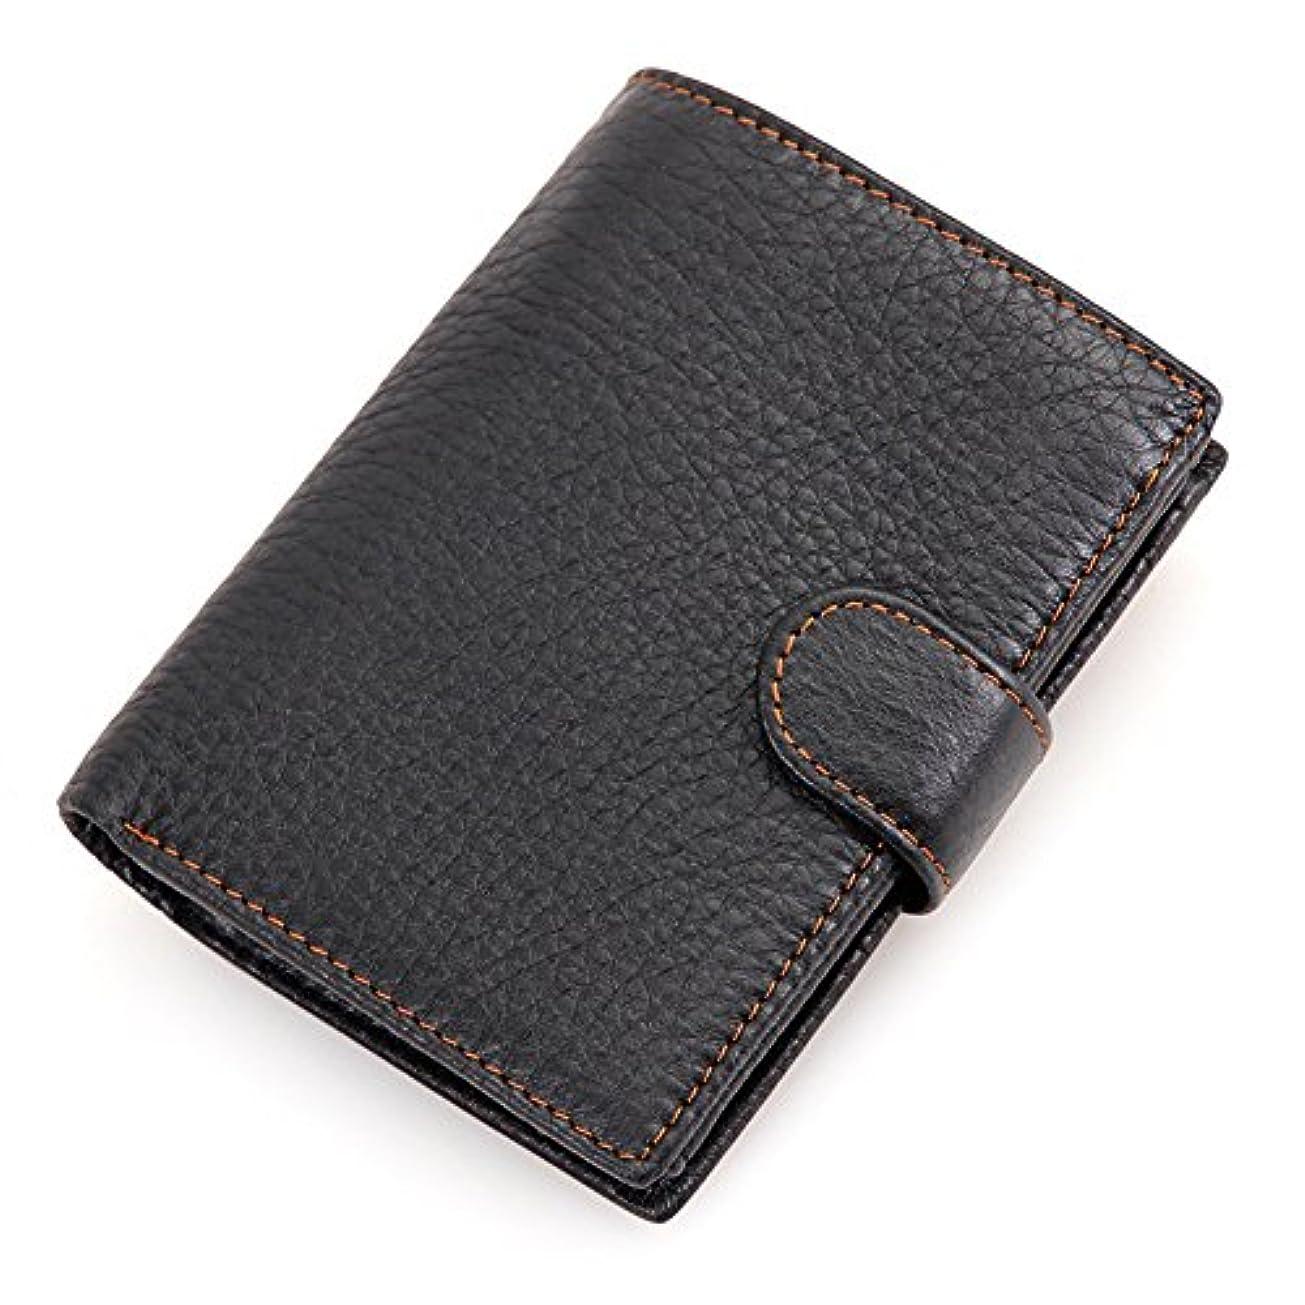 割り当て蒸留する騒々しいハナ(HANA)財布 メンズ 二つ折り 革 本革財布 牛革 二つ折り財布 さいふ サイフ 多機能 財布 二つ折 財布 小銭入れ コインケース メンズ